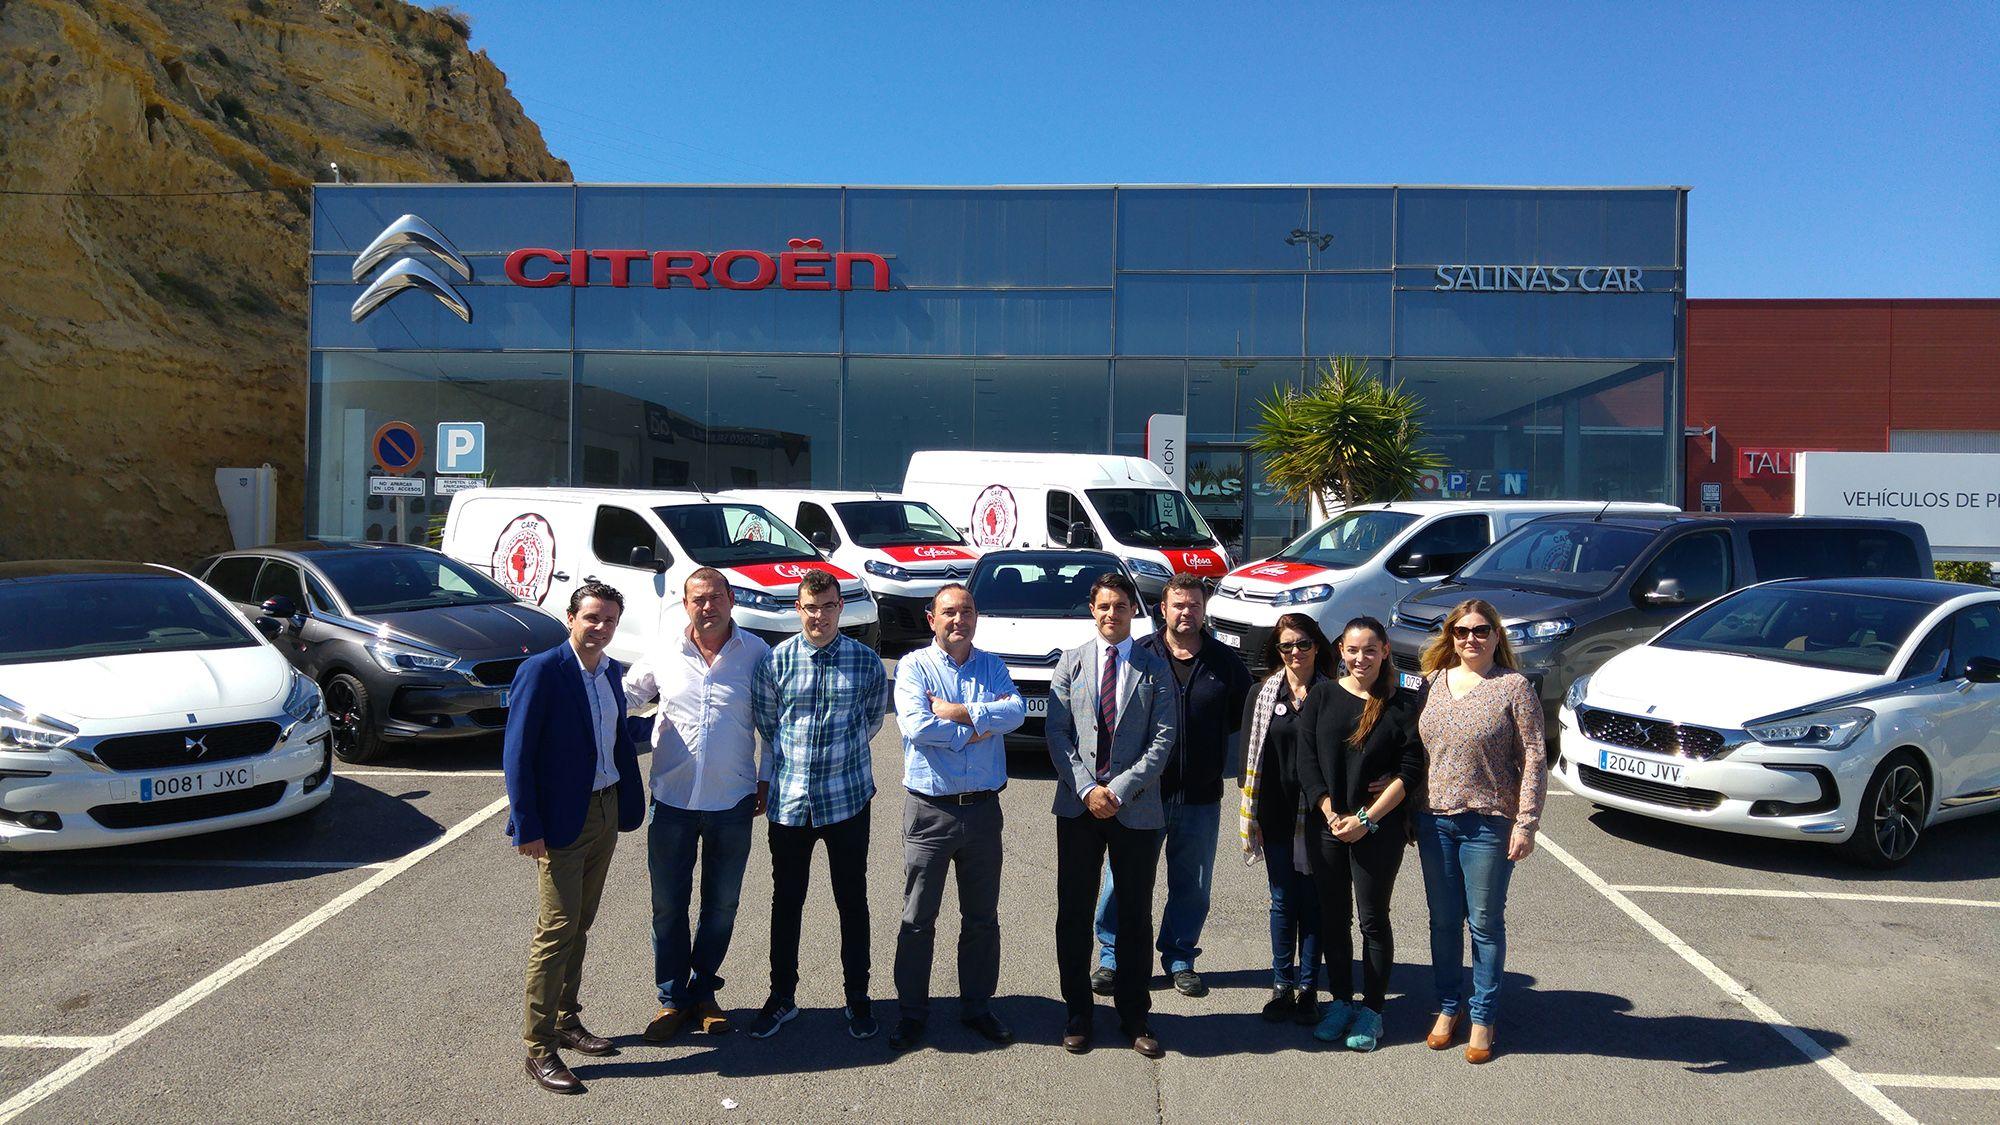 Cofesa confía en Citroën Salinas Car para renovar su flota de vehículos